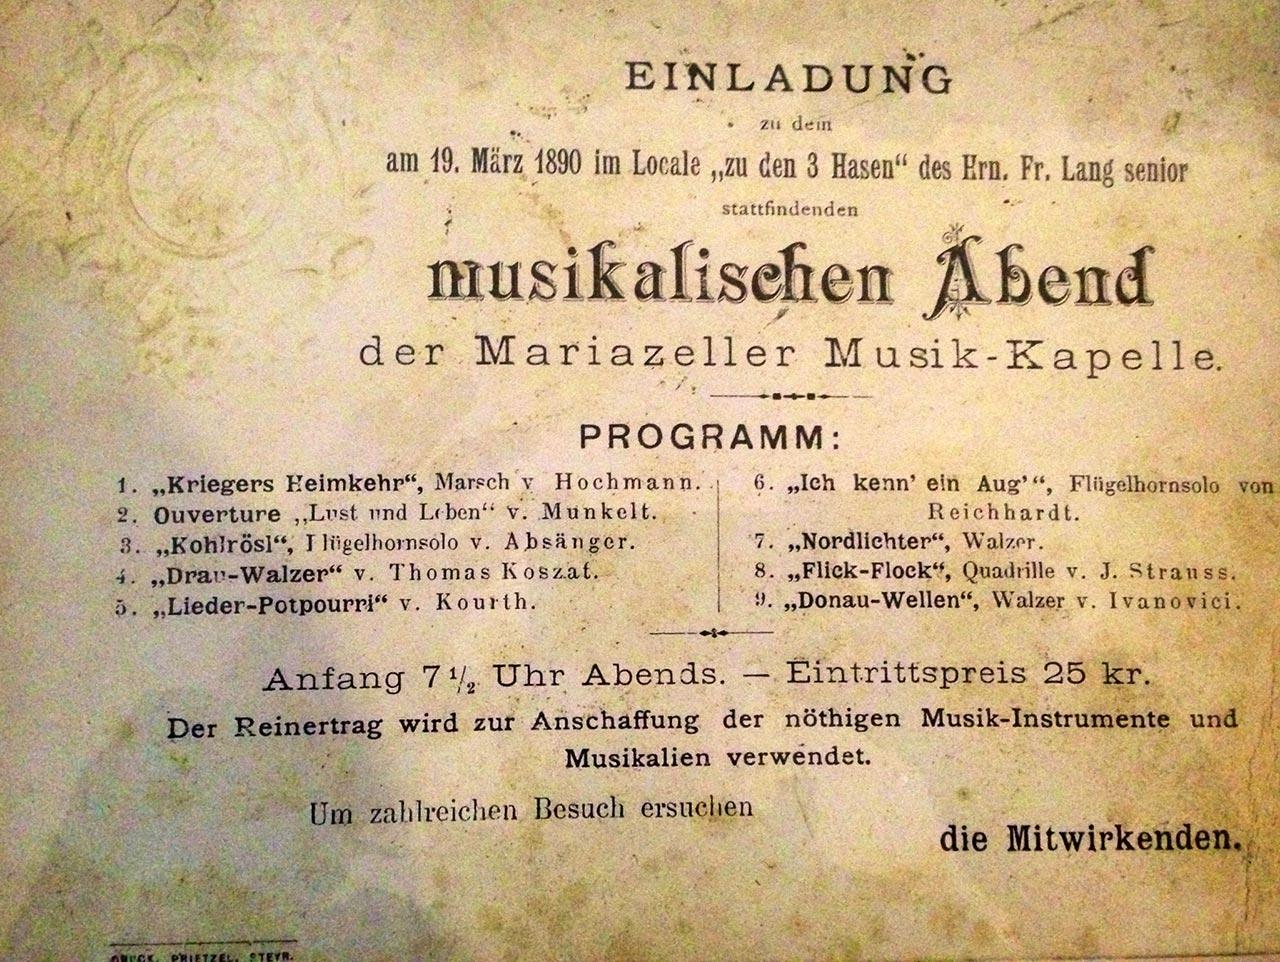 Einladung-1890-Hotel-Drei-Hasen